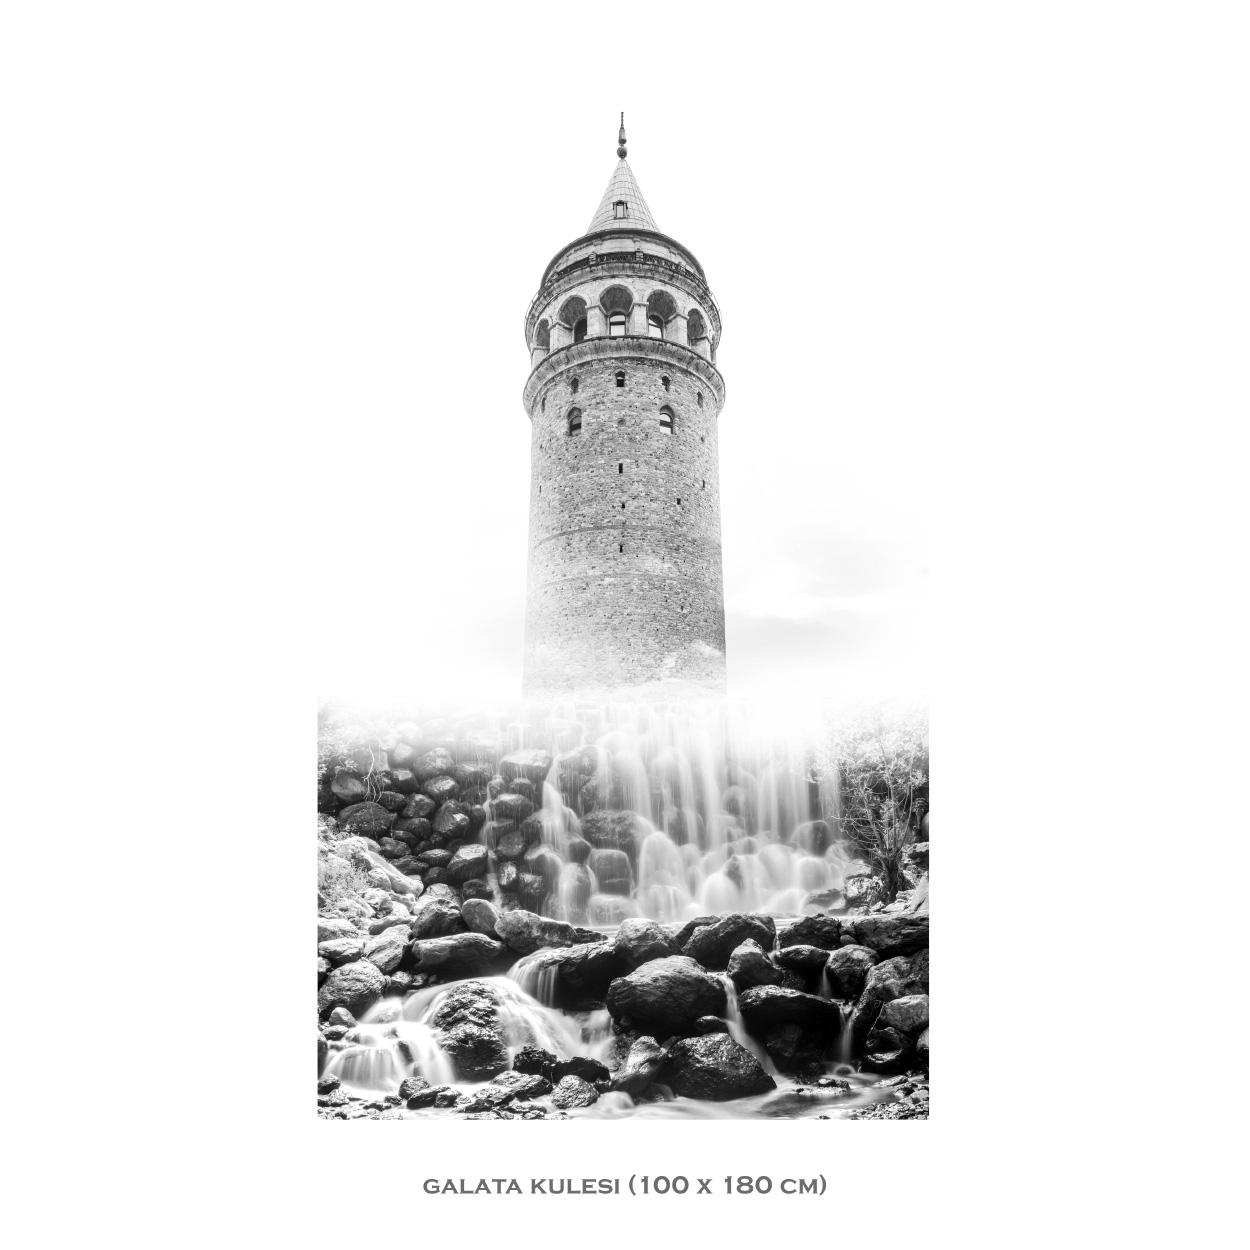 galata kulesi copy